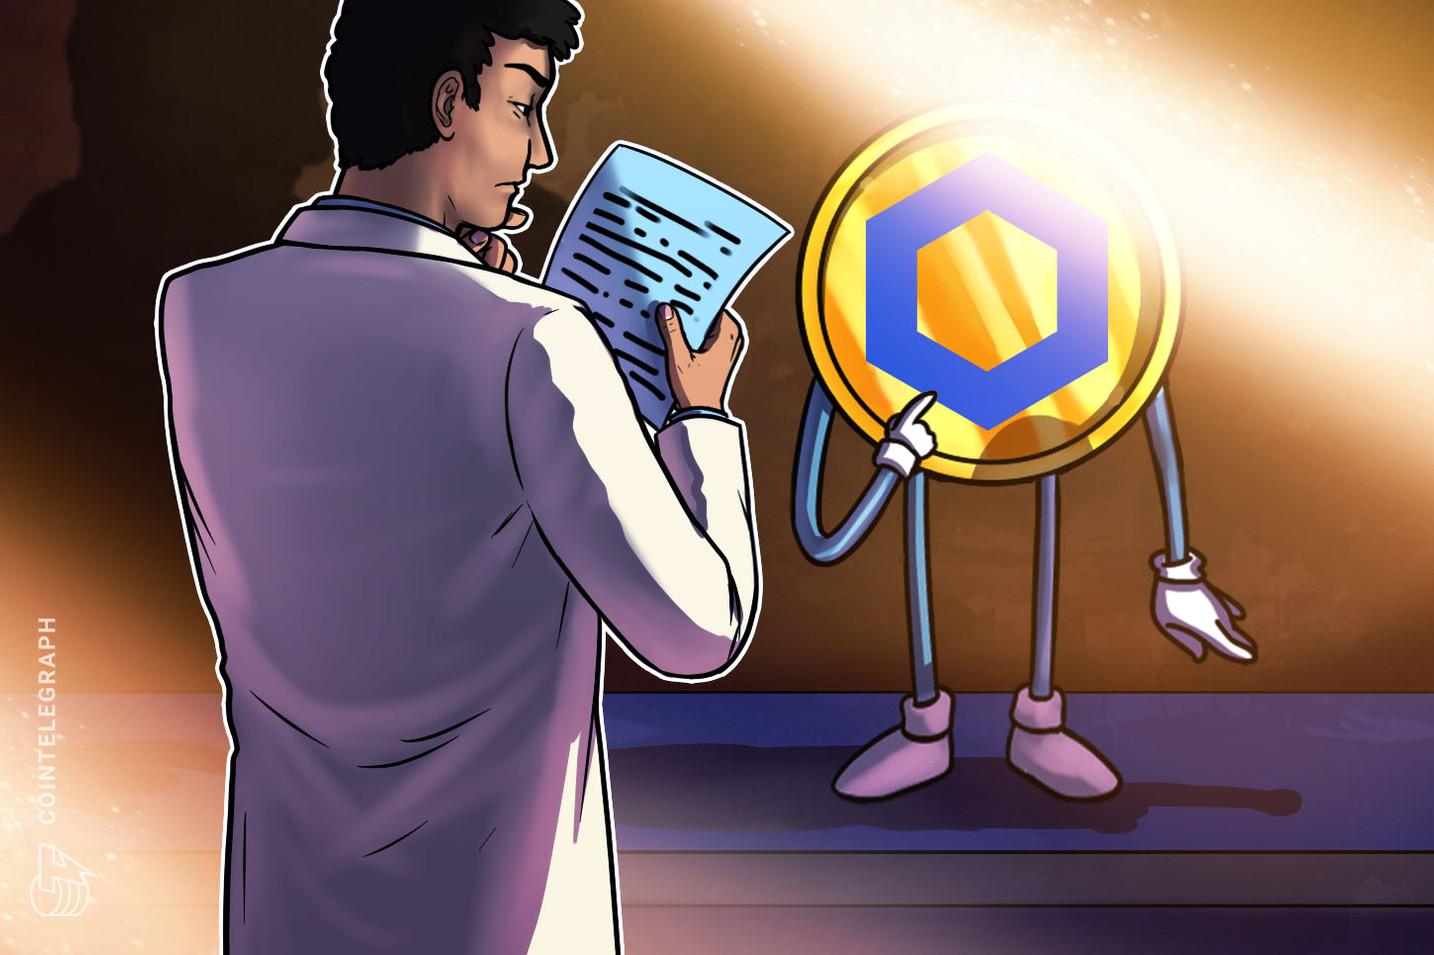 链接现在比Litecoin更大,链接价格达到24美元以上的新高-下一步是什么?